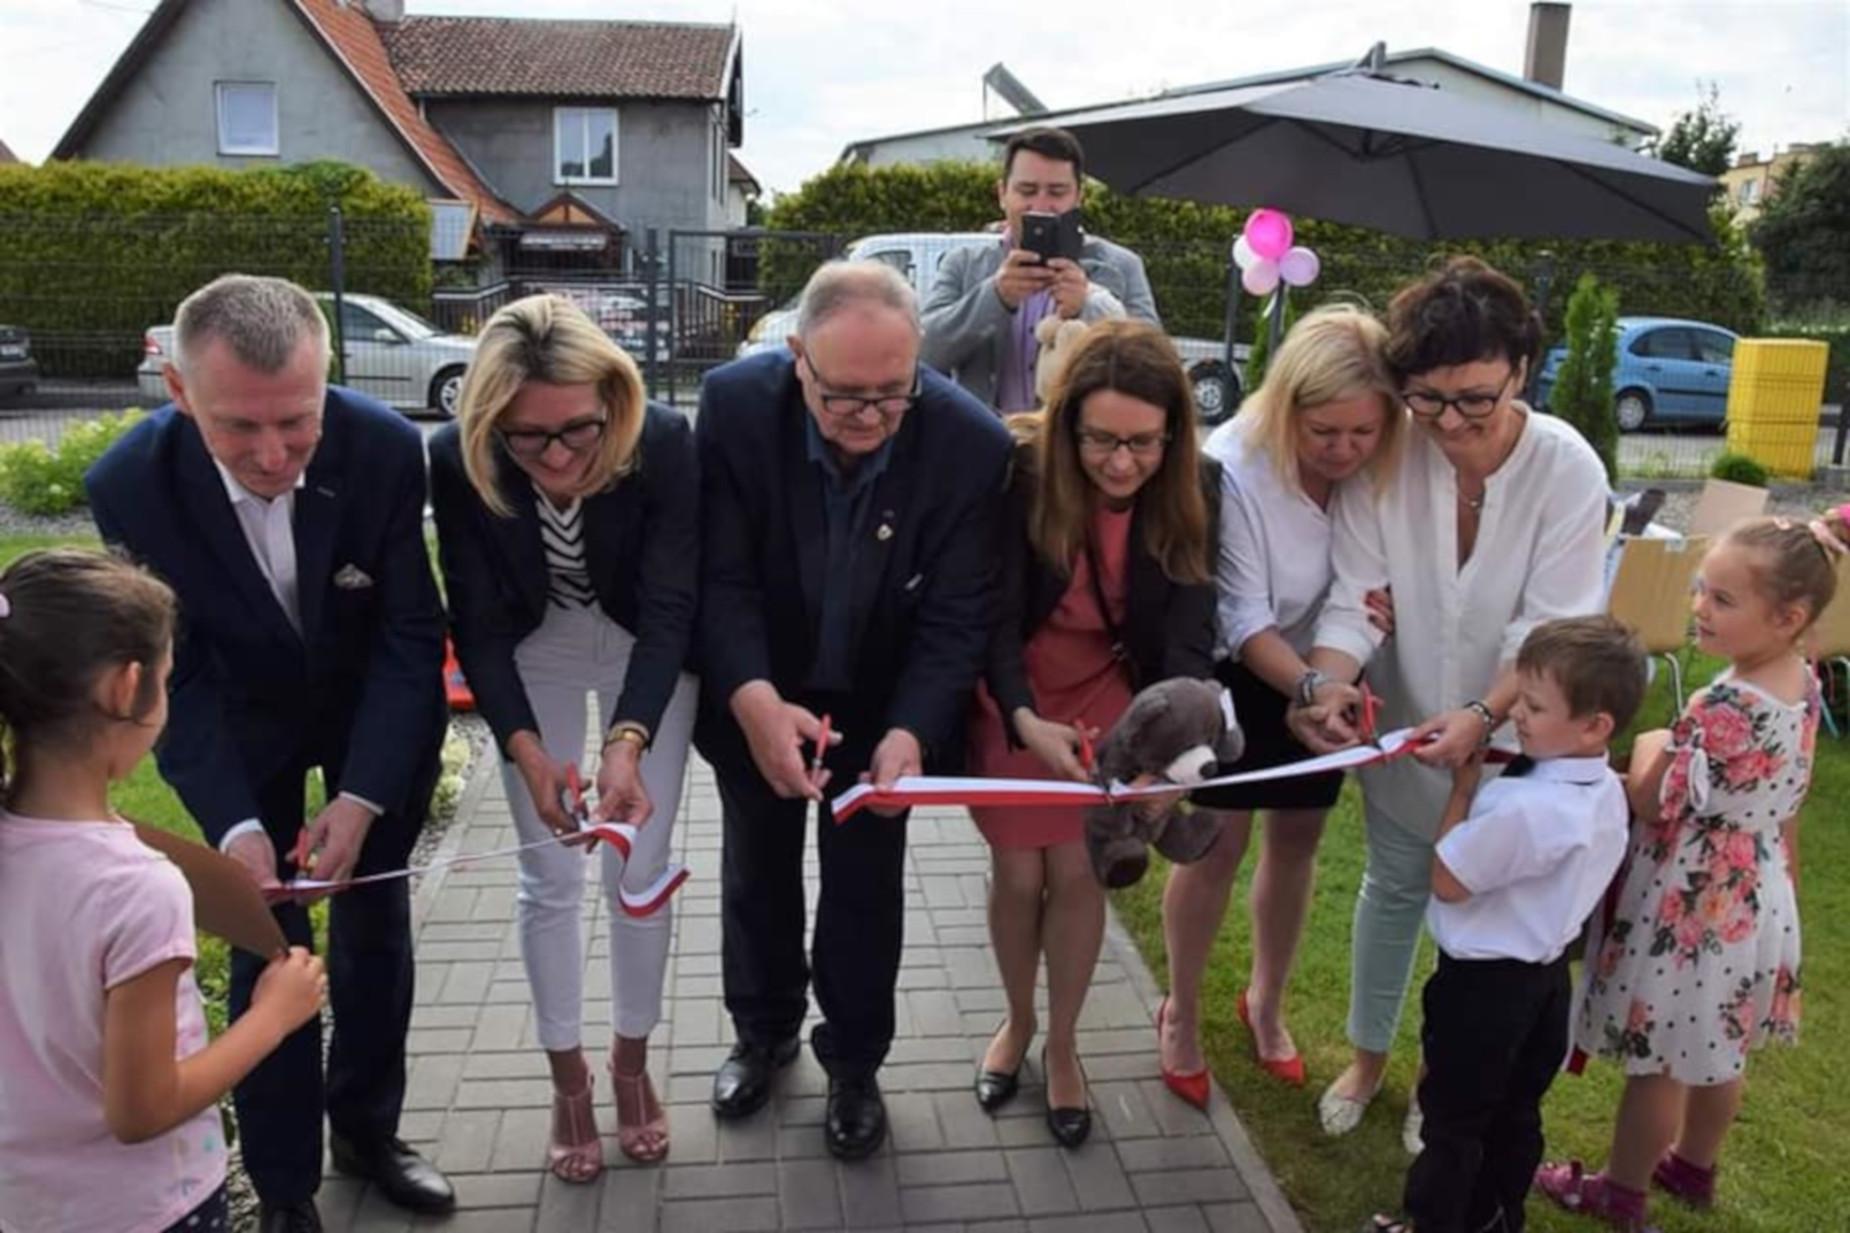 Unijne dofinansowanie dla najmłodszych. Żłobek Calineczka w Nowym Dworze Gdańskim jak nowy